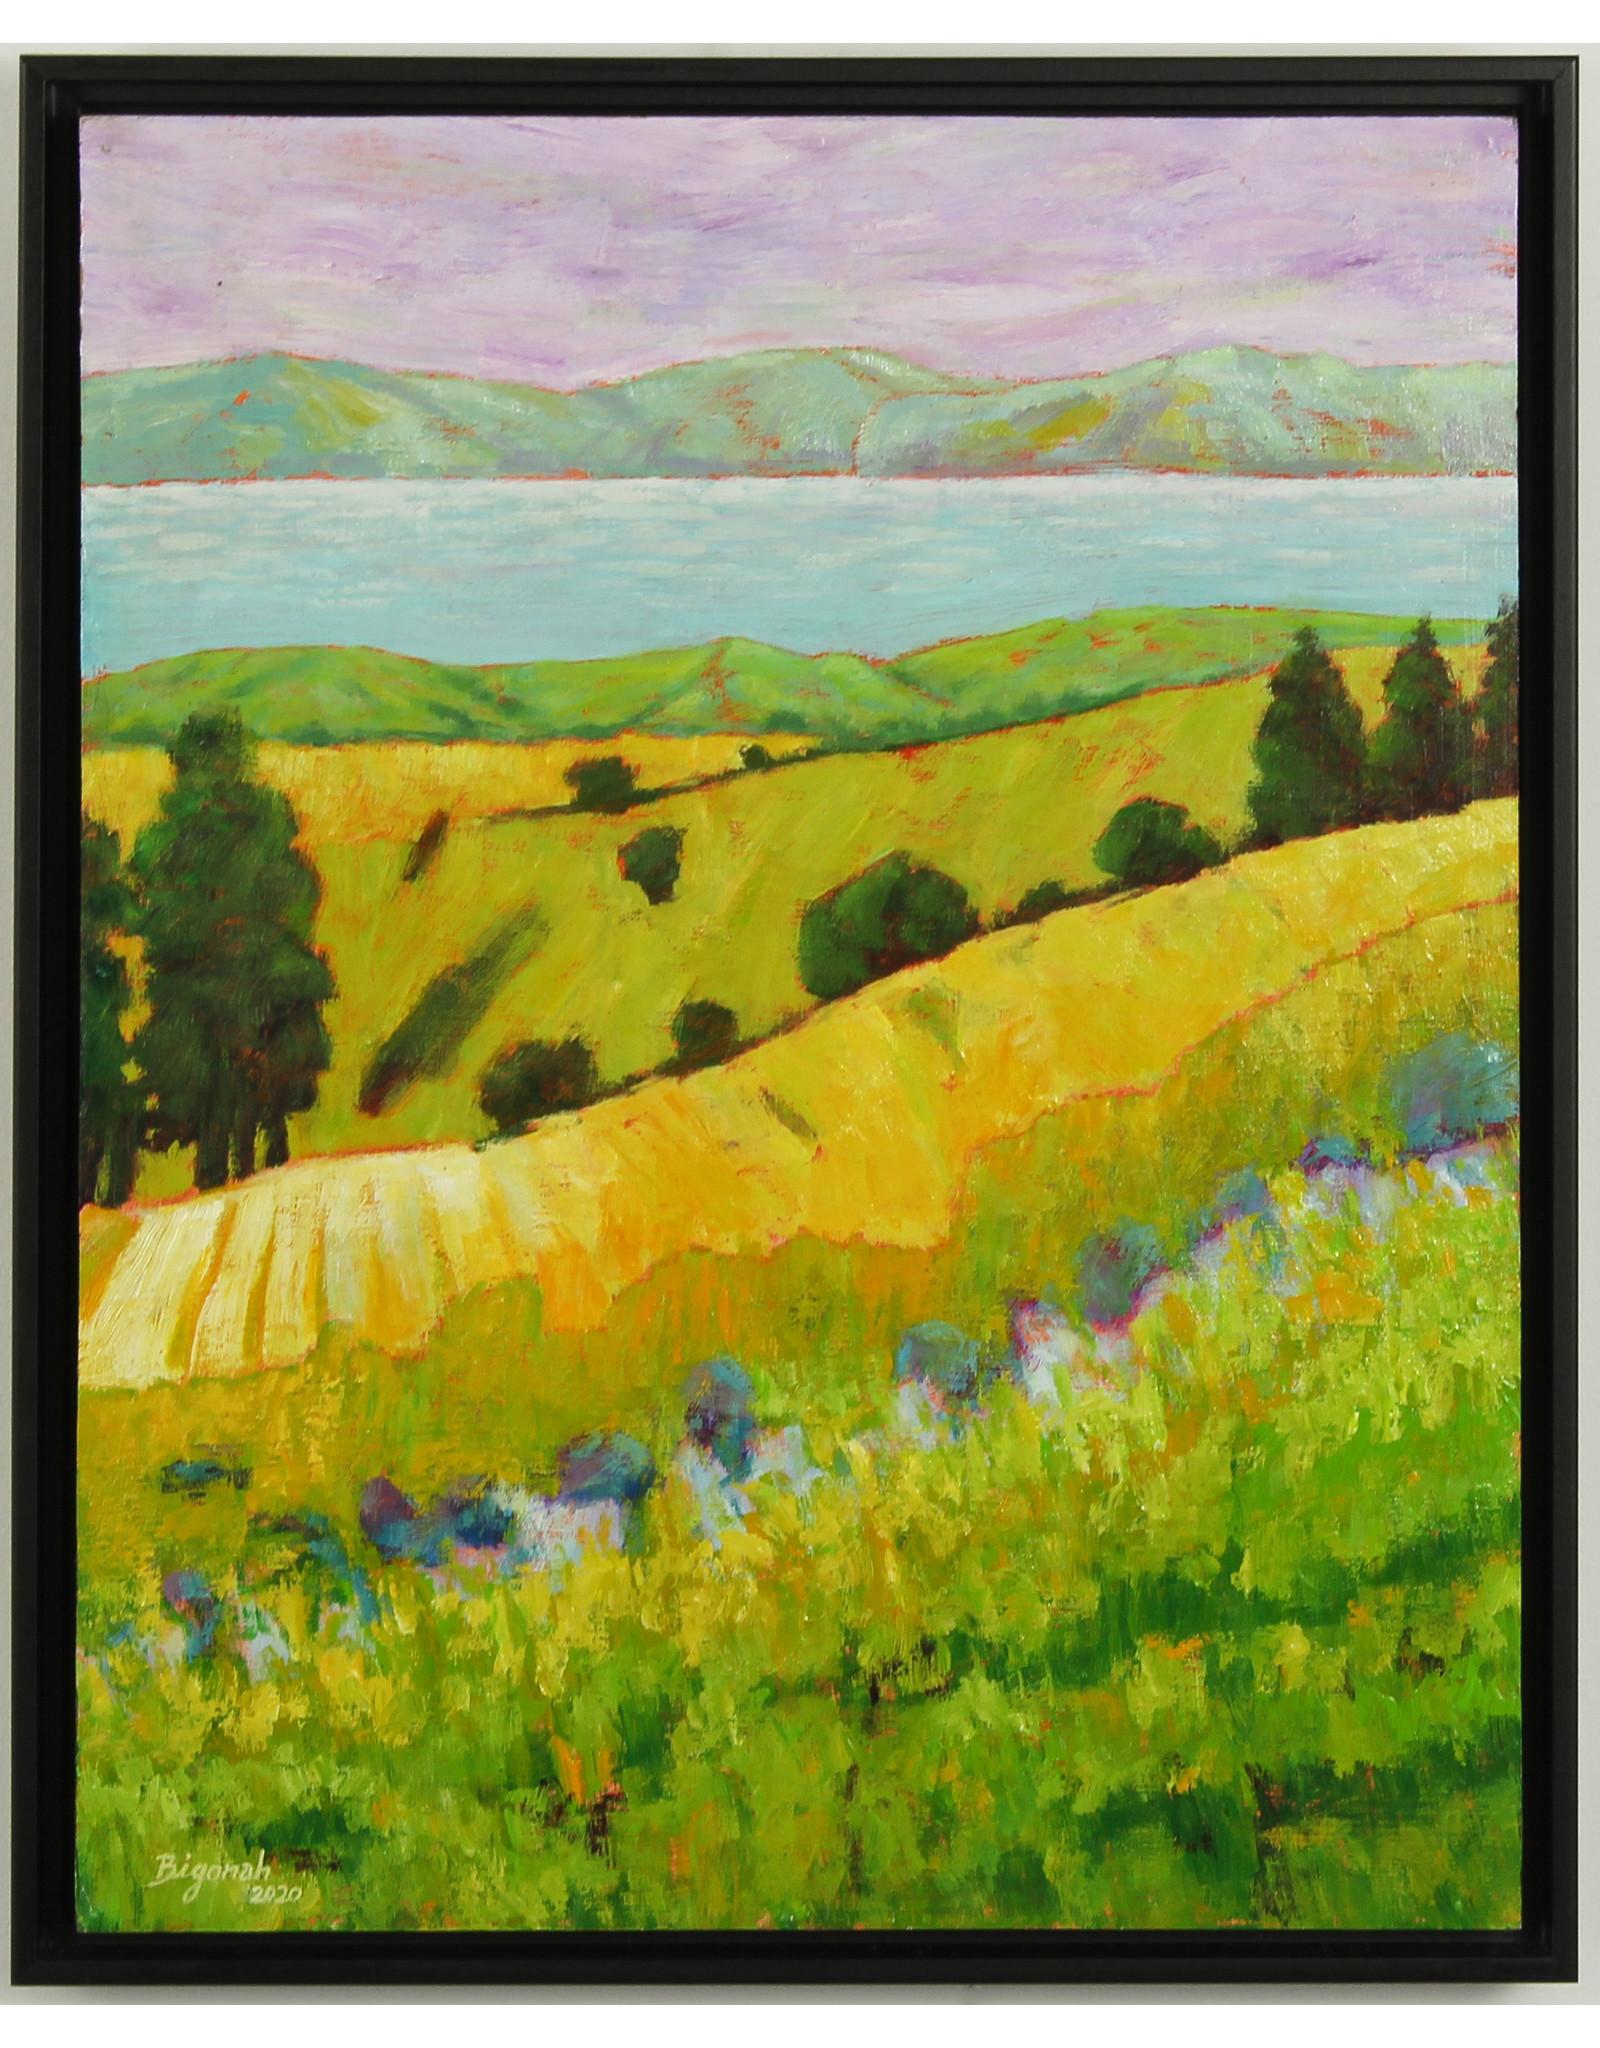 Reza Bigonah Beside the Lake by Reza Bigonah